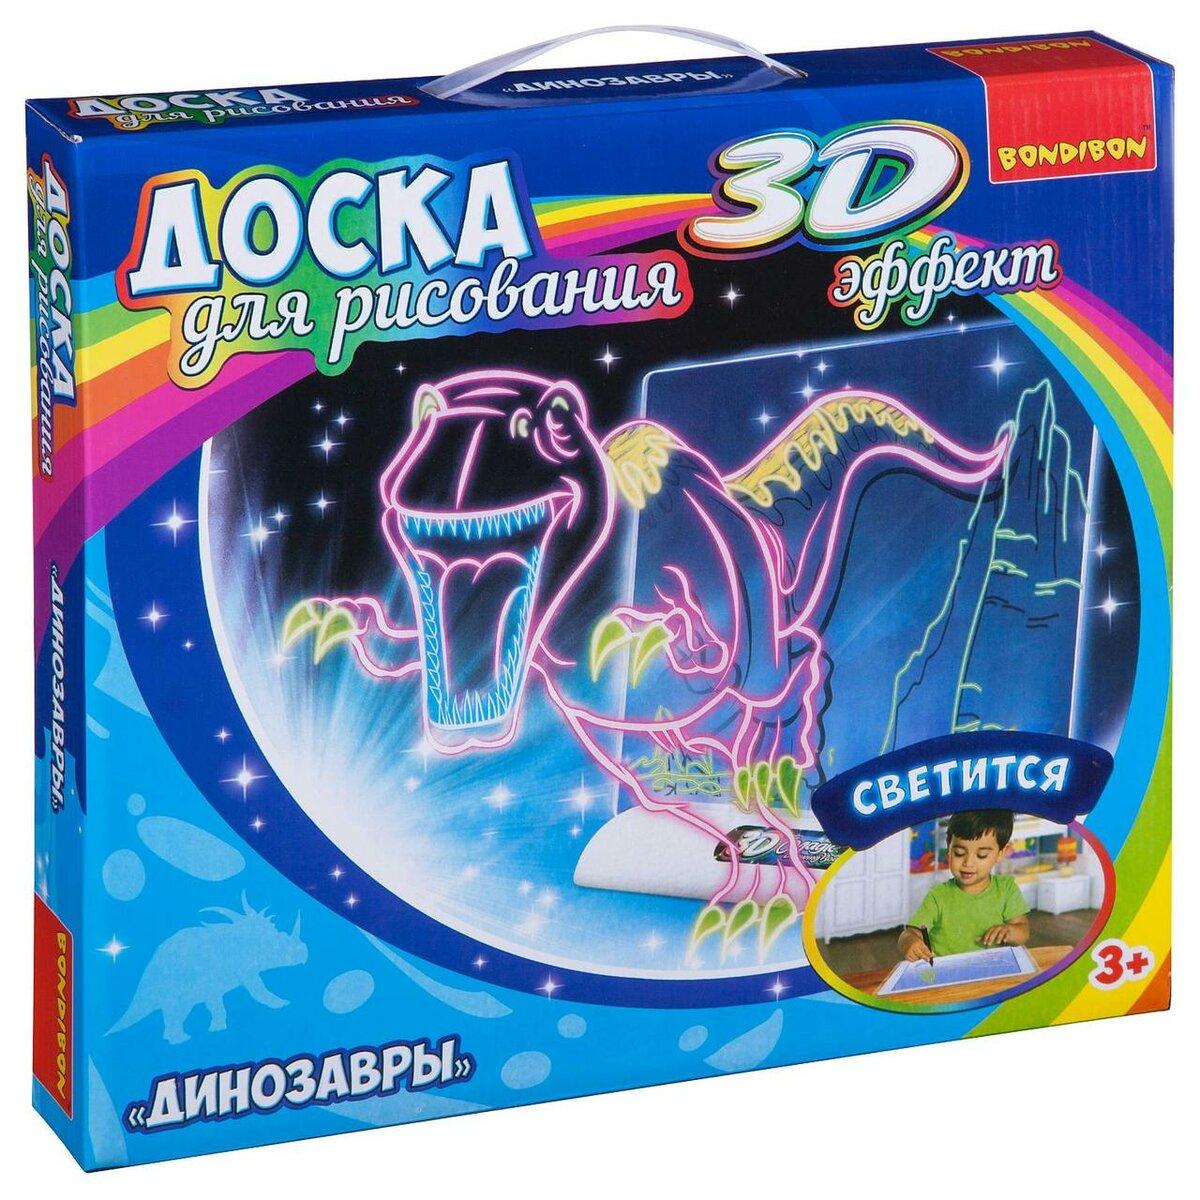 Доска для рисования 3D в Макеевке